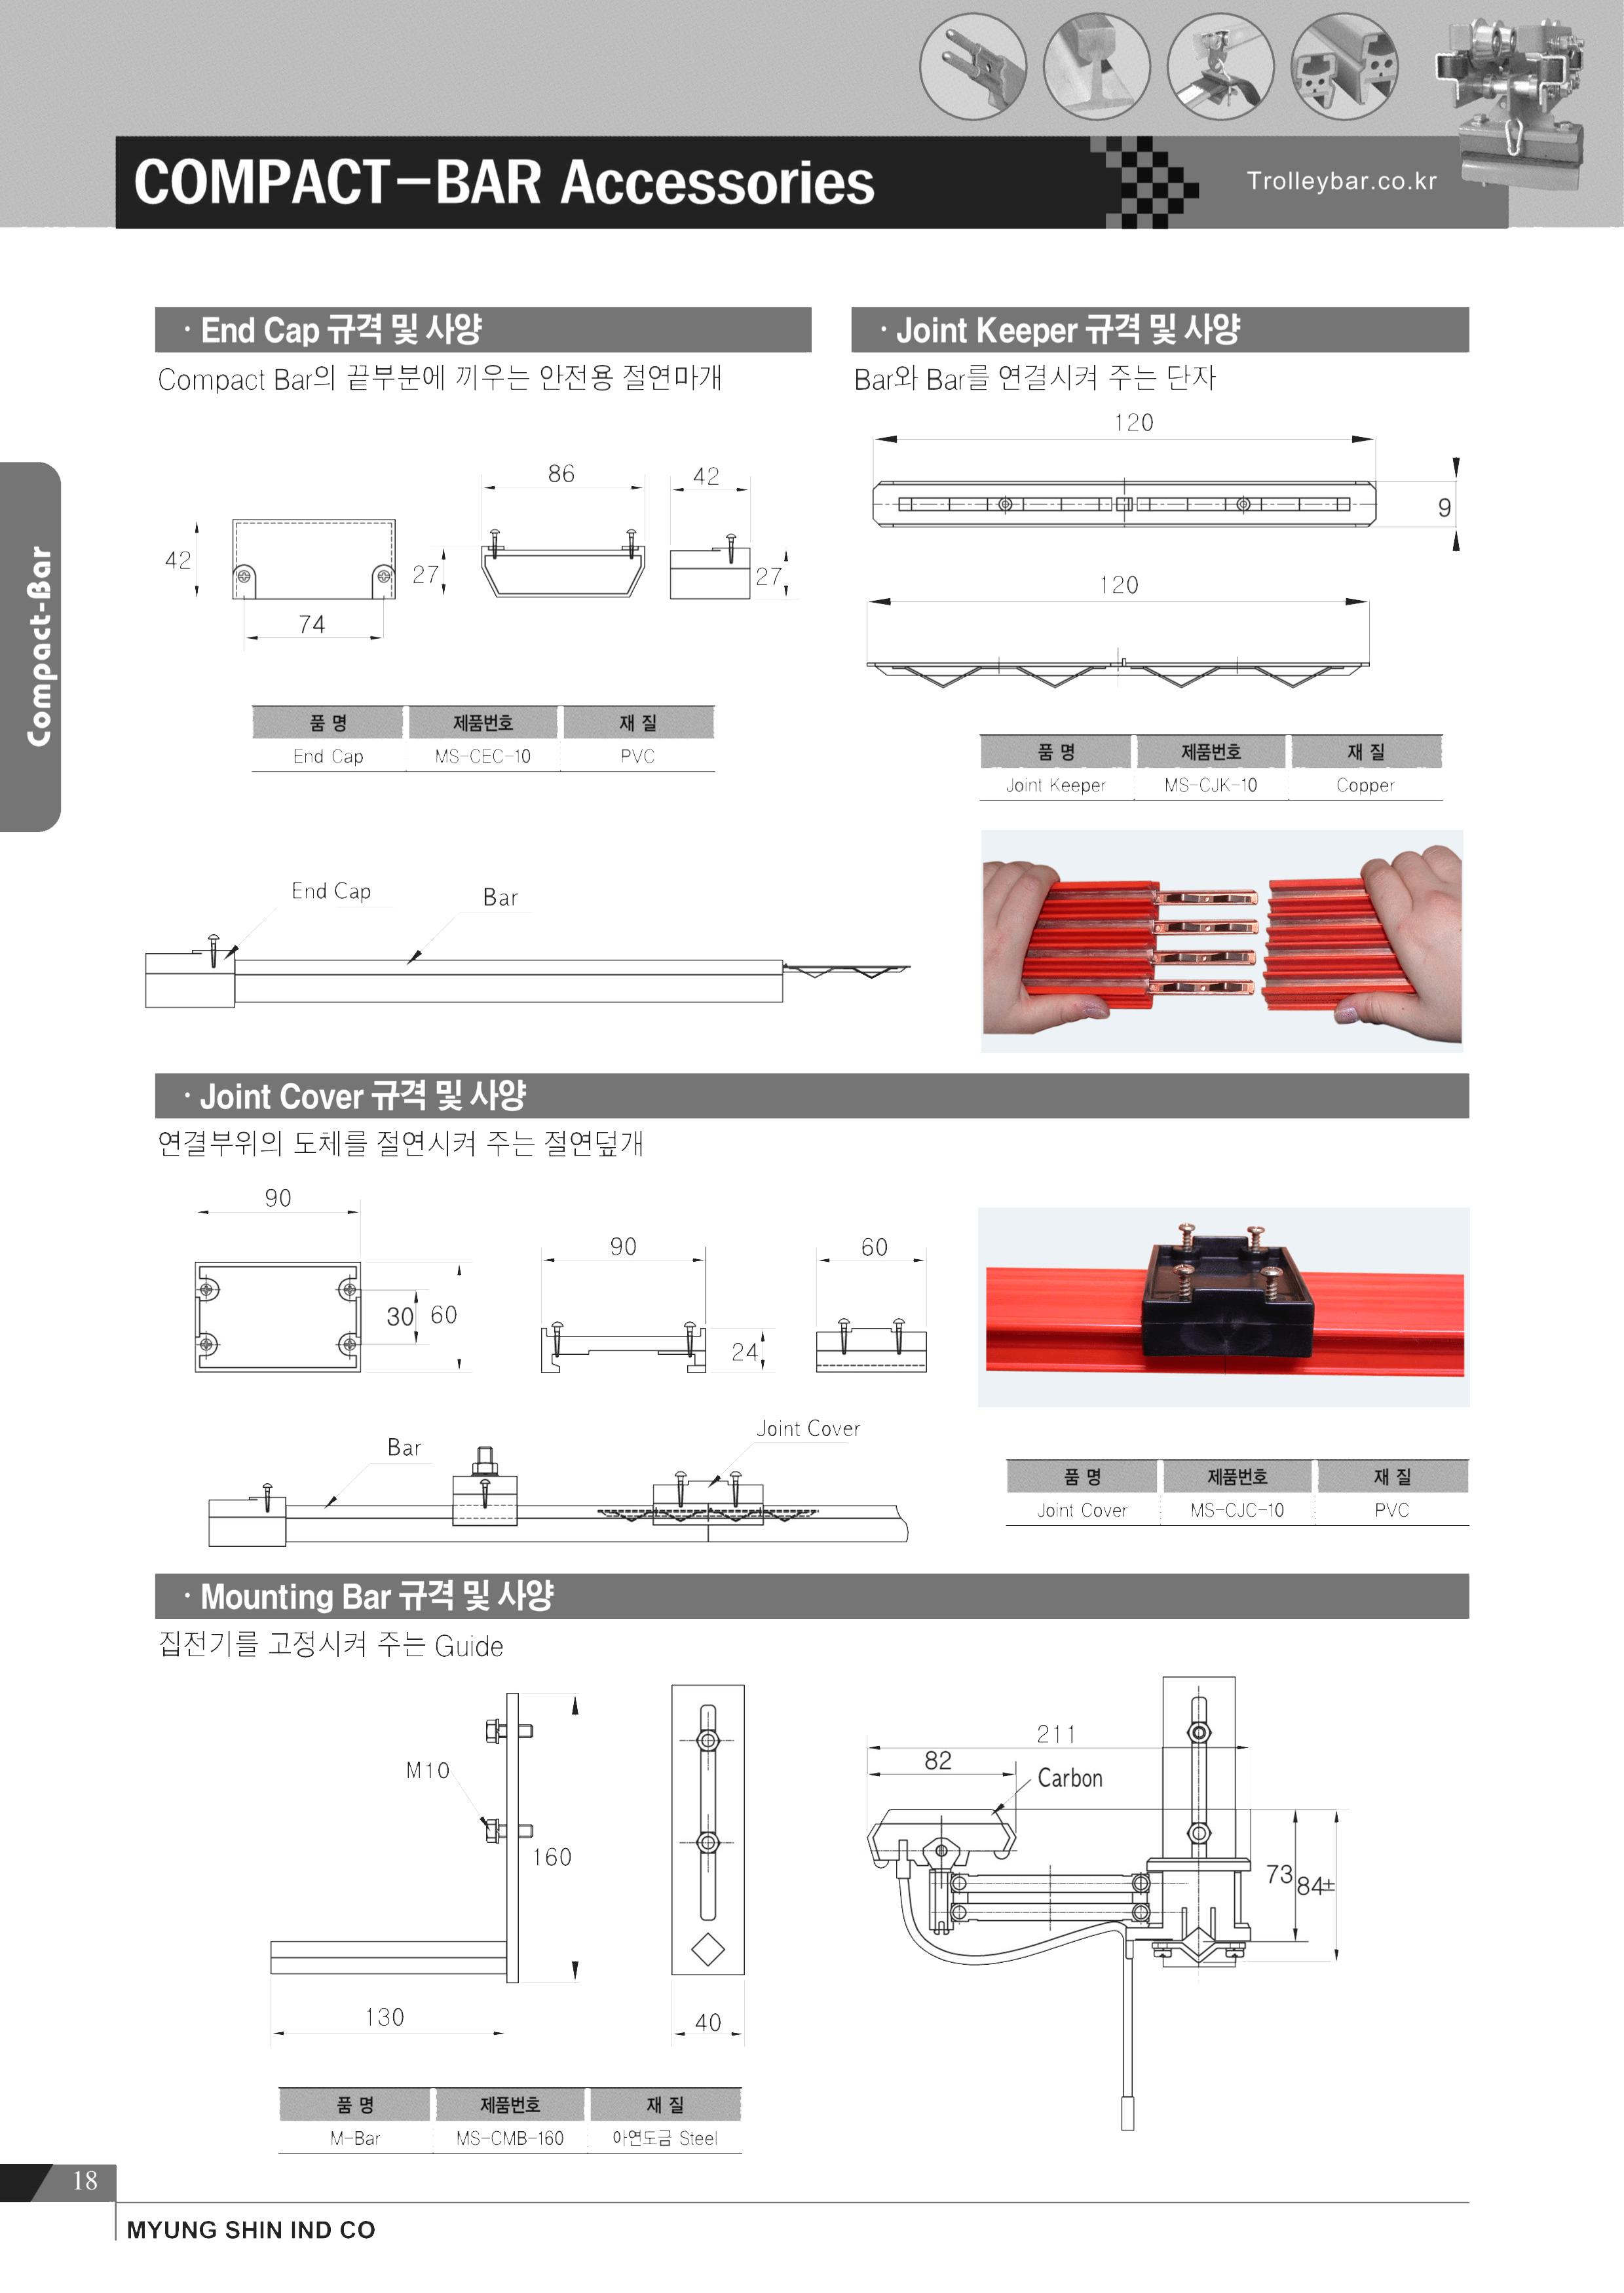 THIẾT BỊ CẦU TRỤC MTT HÀN QUỐC Ray Điện ComPact Bar- COMPACT-BAR